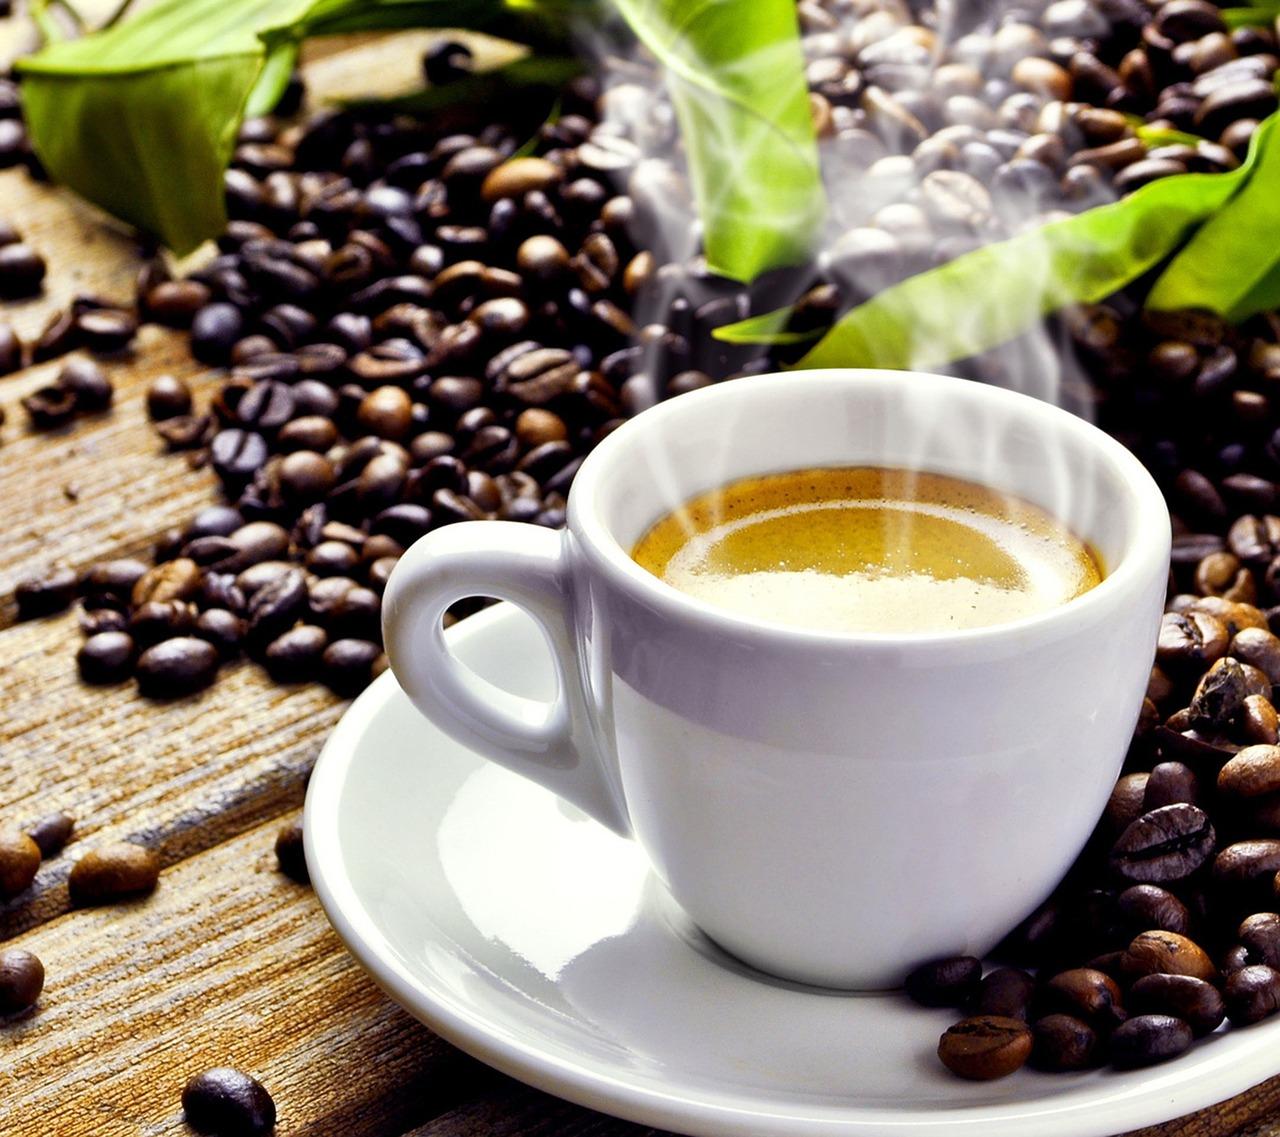 Cómo conservar el café para que no pierda su aroma ni cualidades.